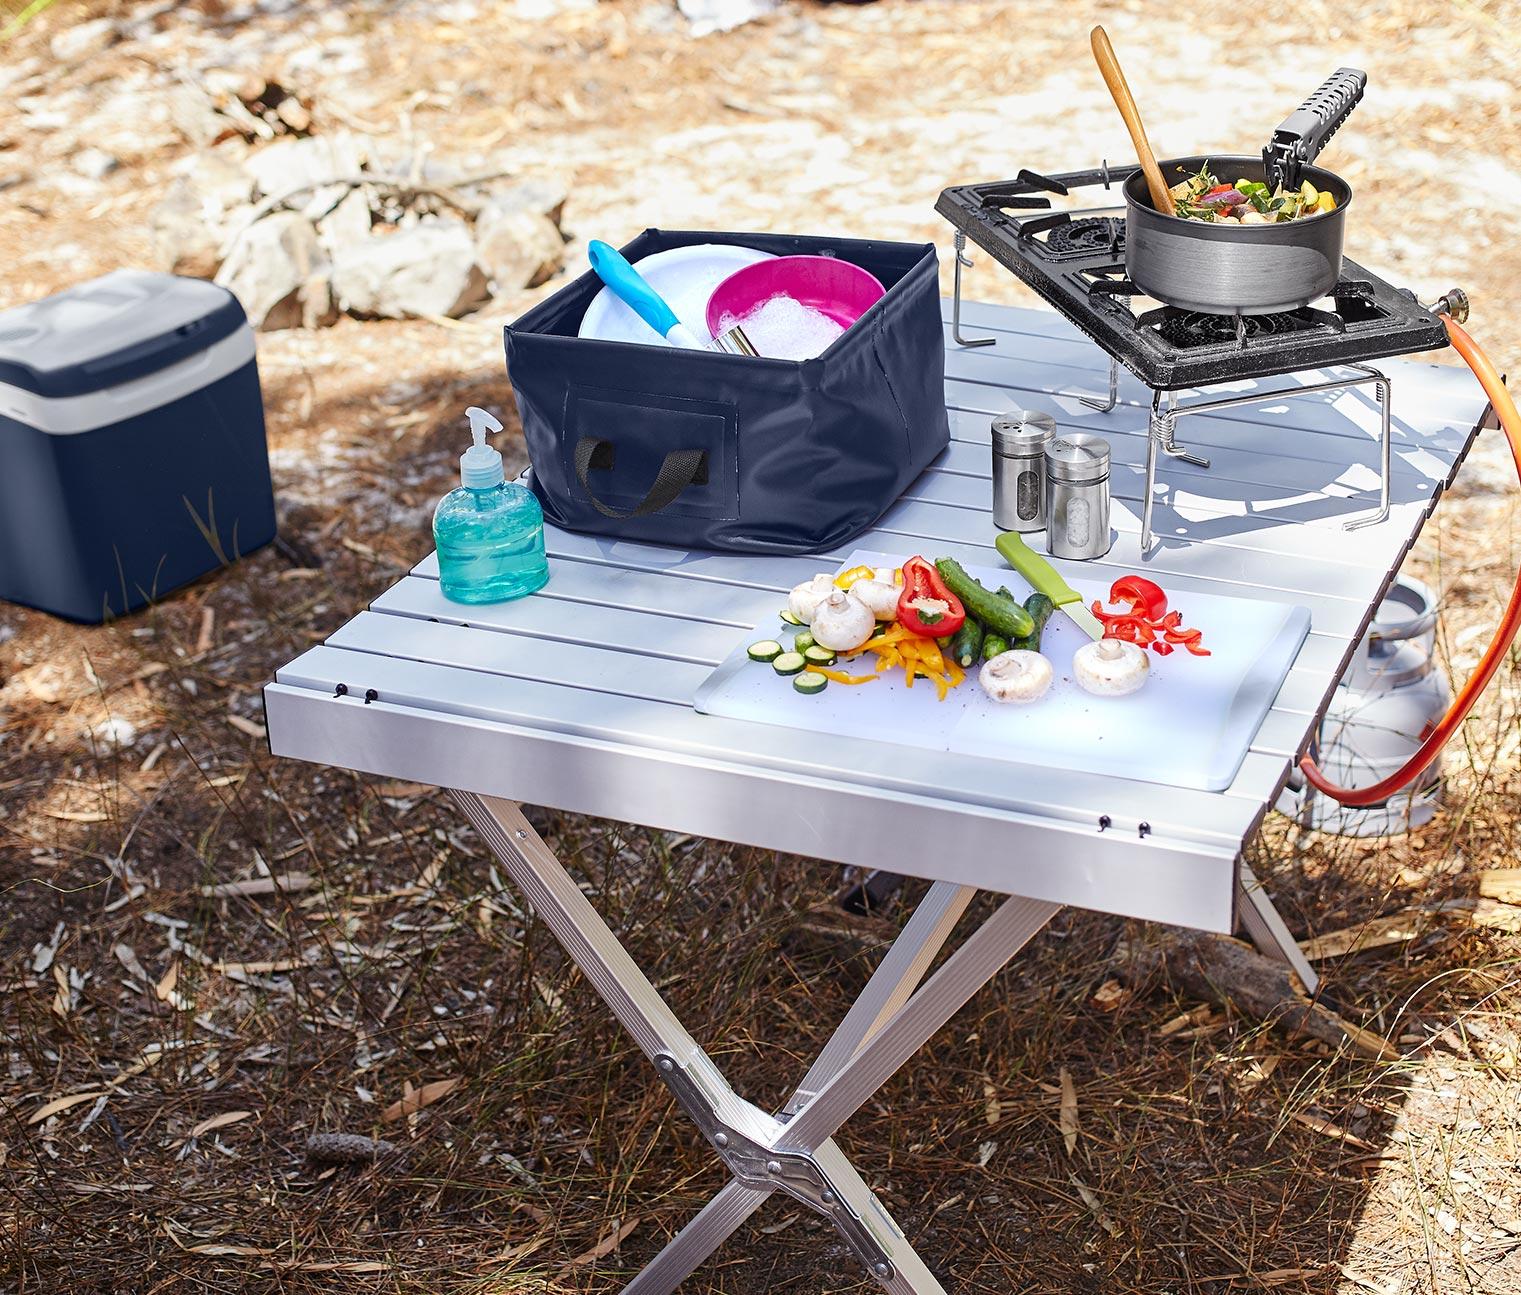 Piknik kancasını doğru şekilde bağlama. seçenekleri